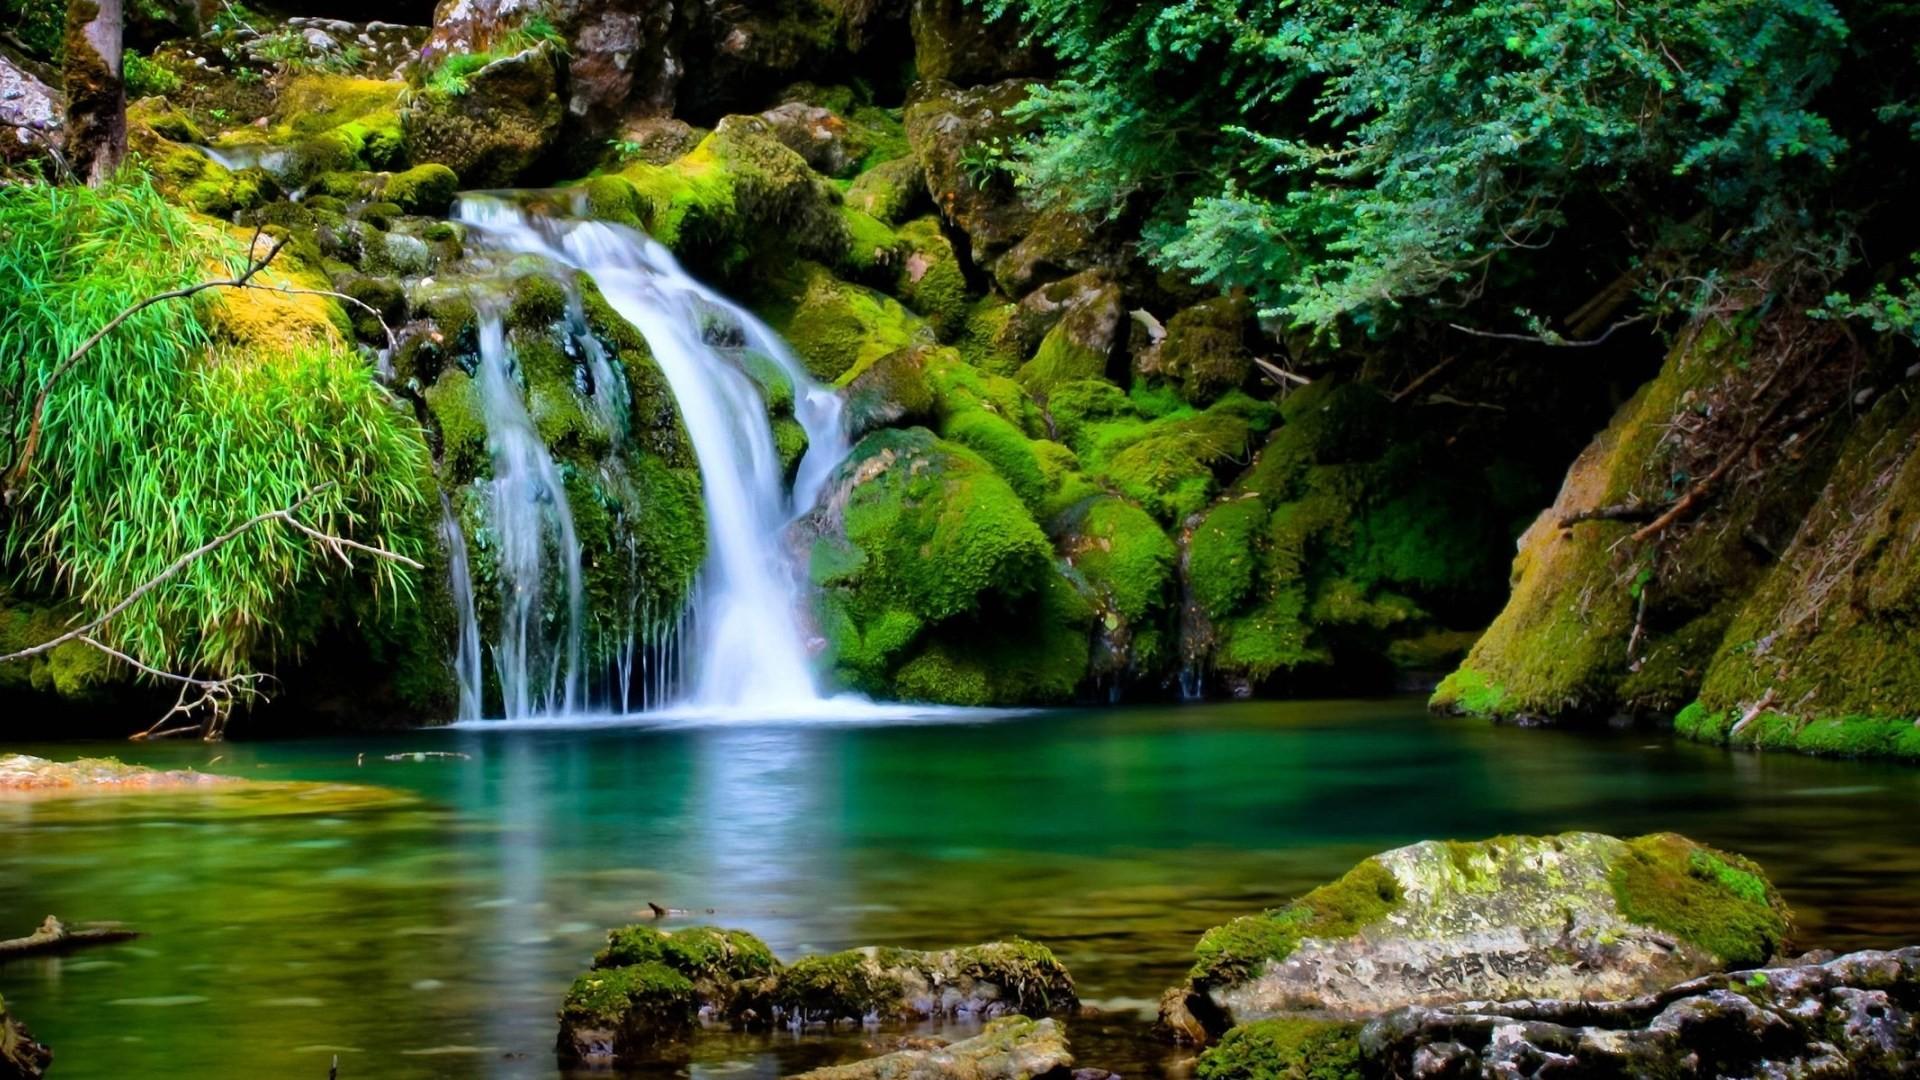 Download best nature HD desktop wallpapers